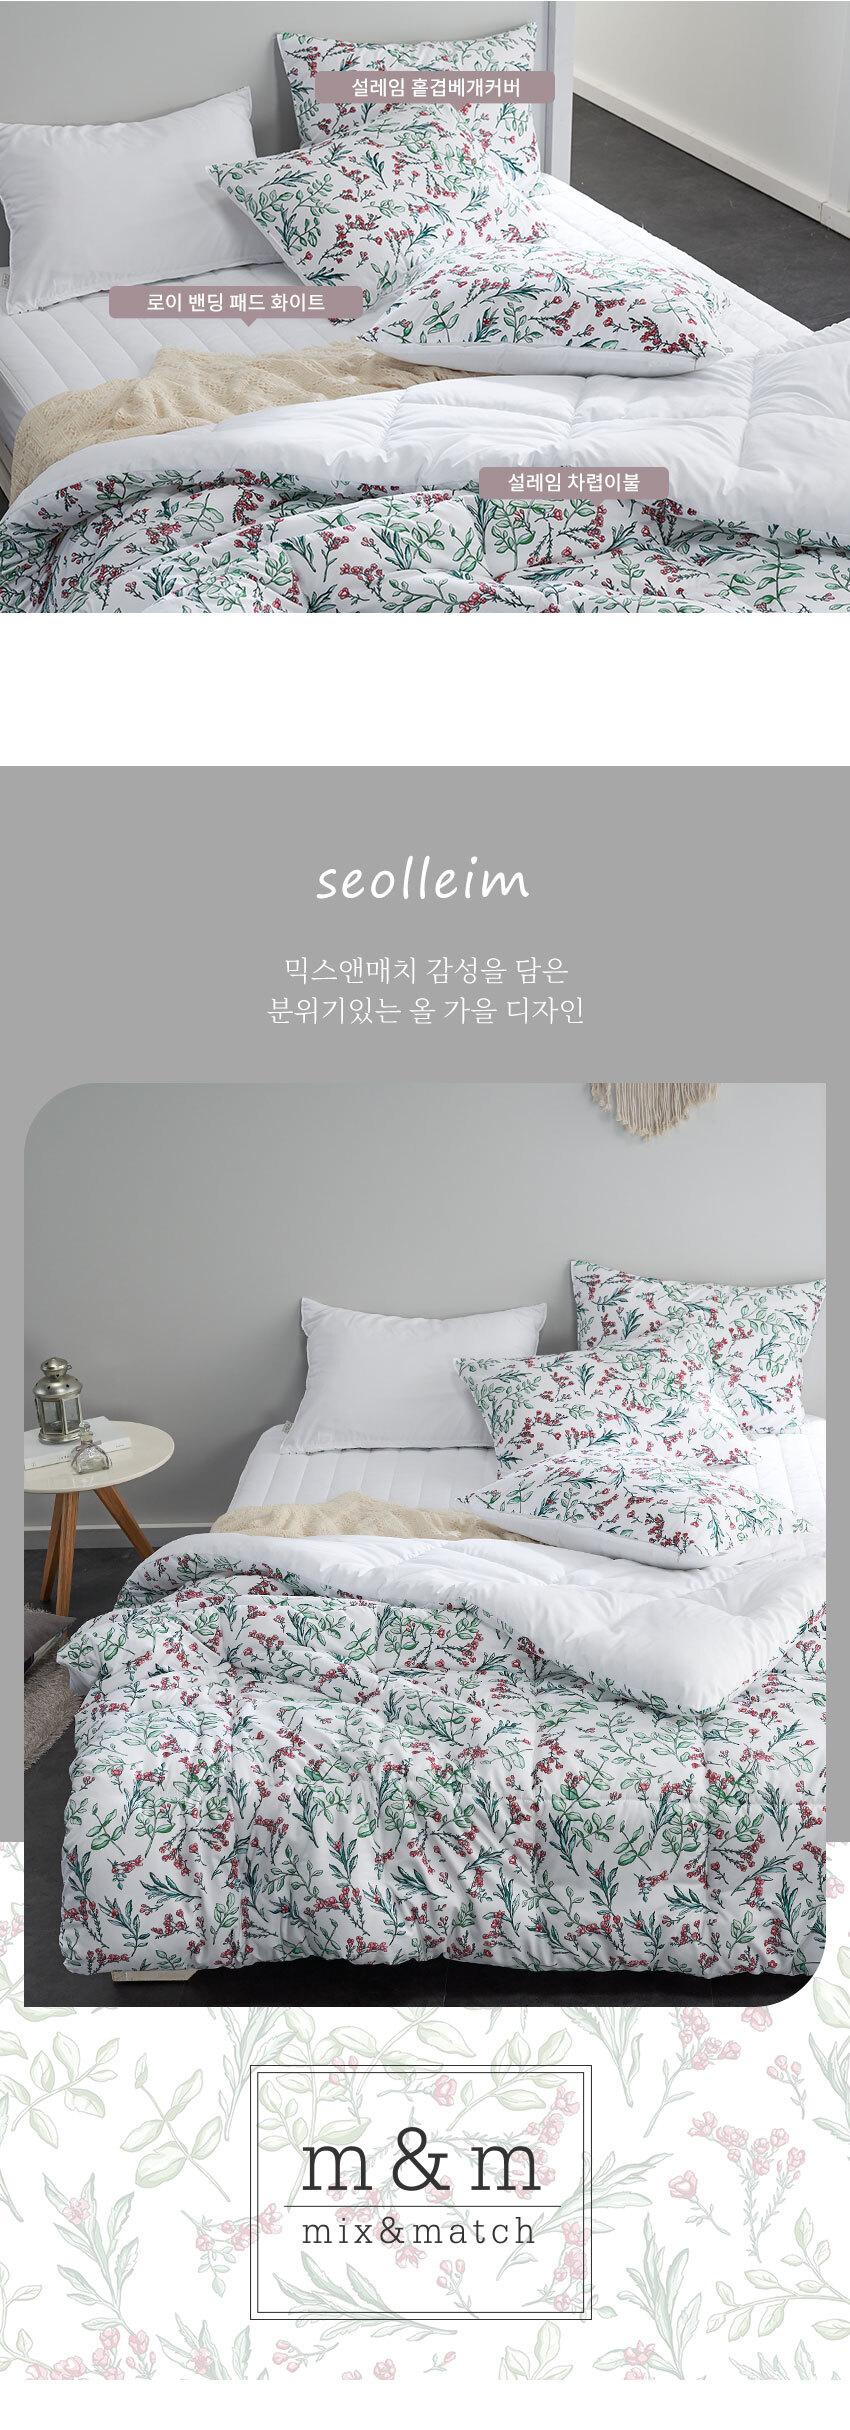 seolleim_bed_bottom.jpg